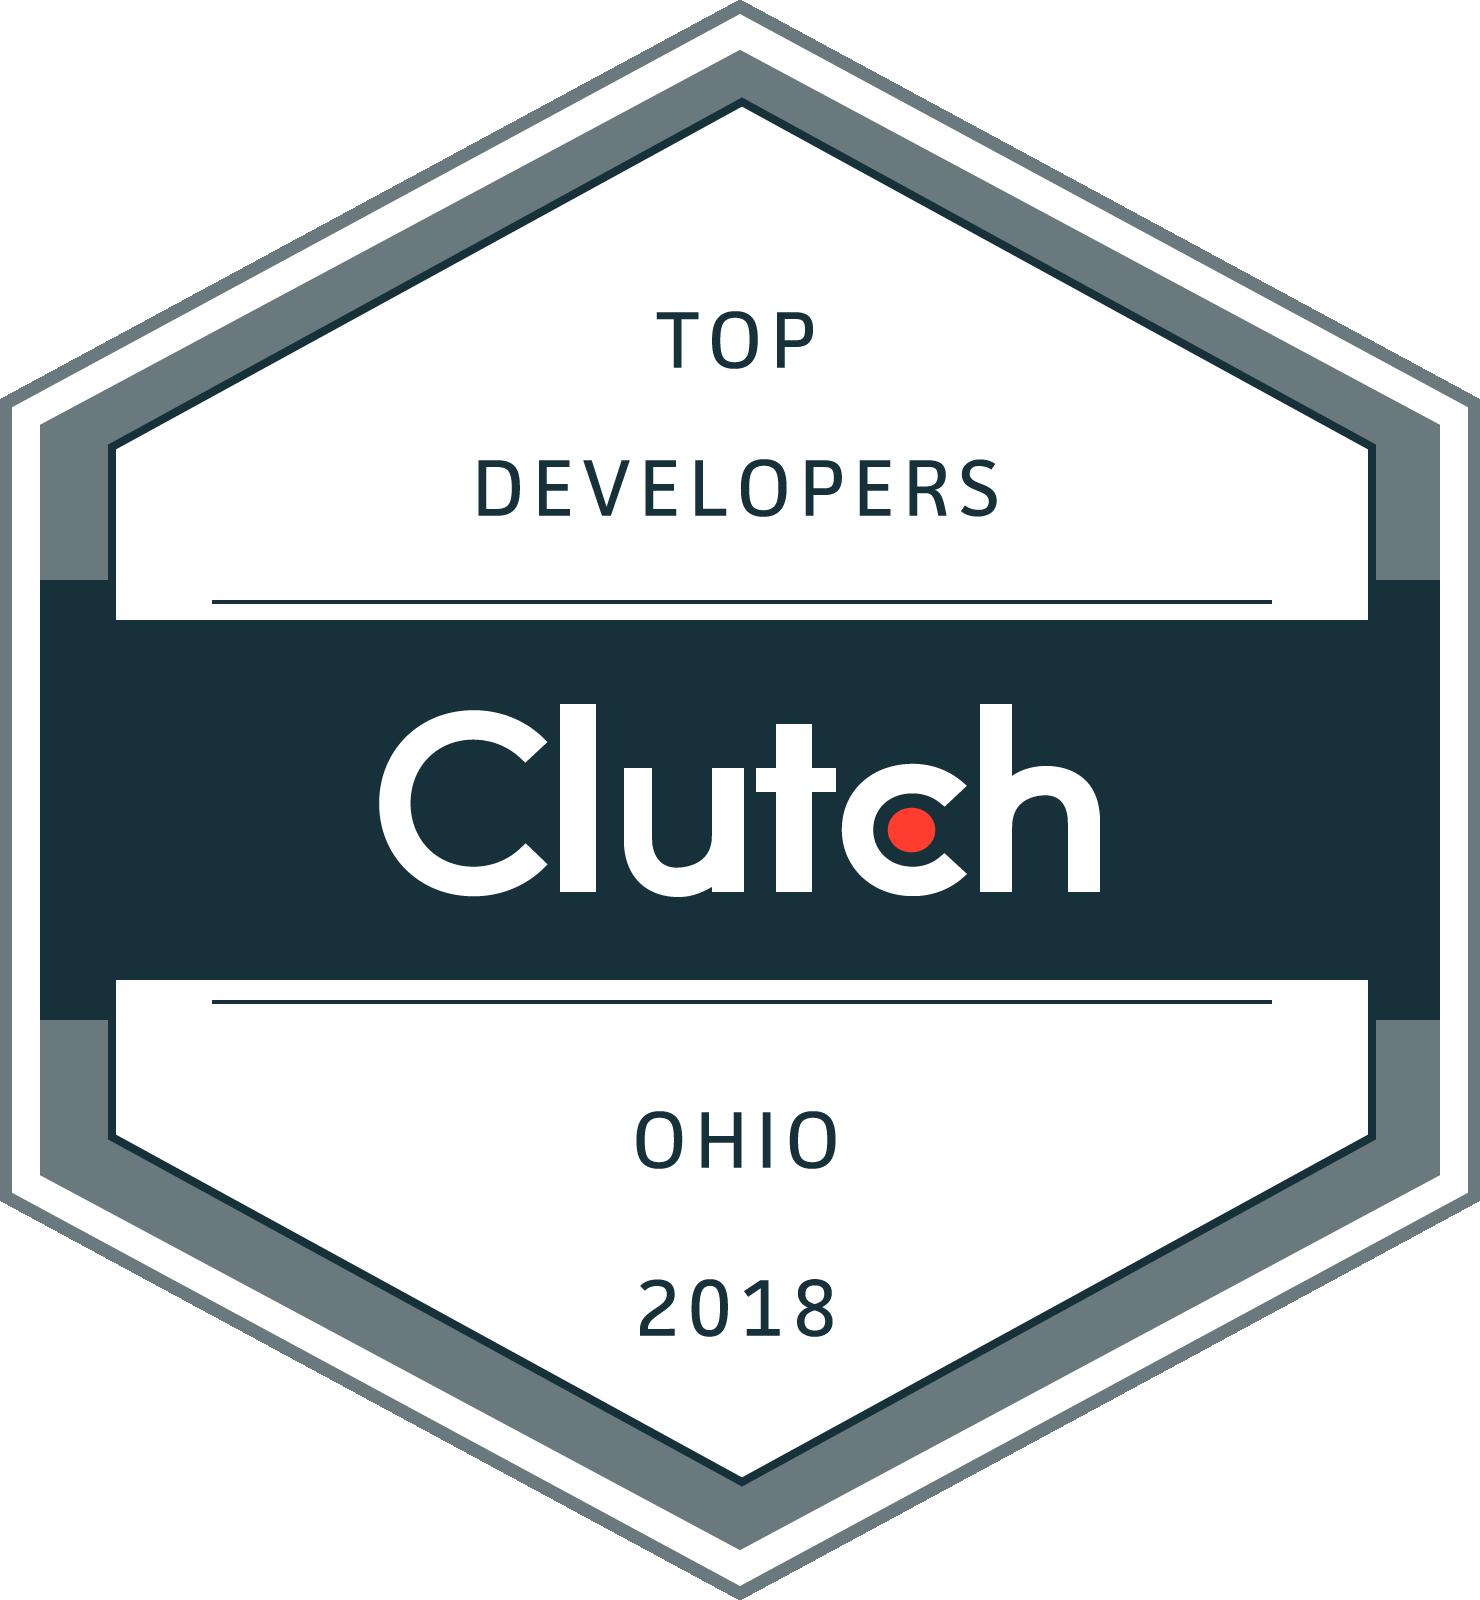 Clutch Top App Developers in Ohio